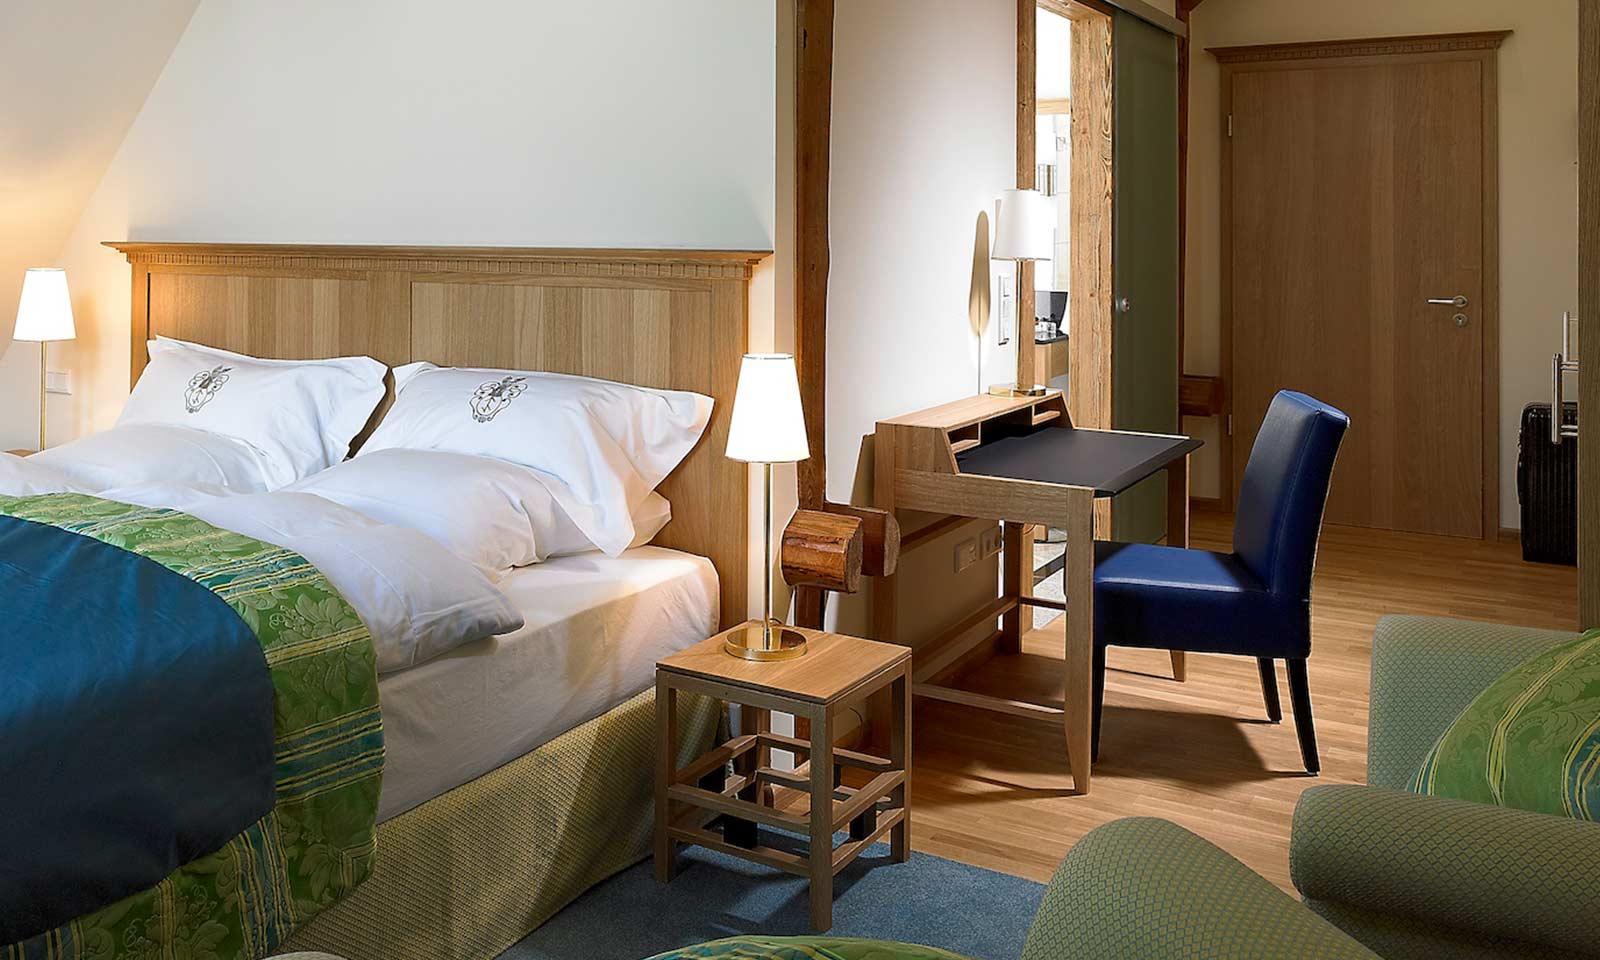 05-kreienbaum-generalunternehmer-hotel